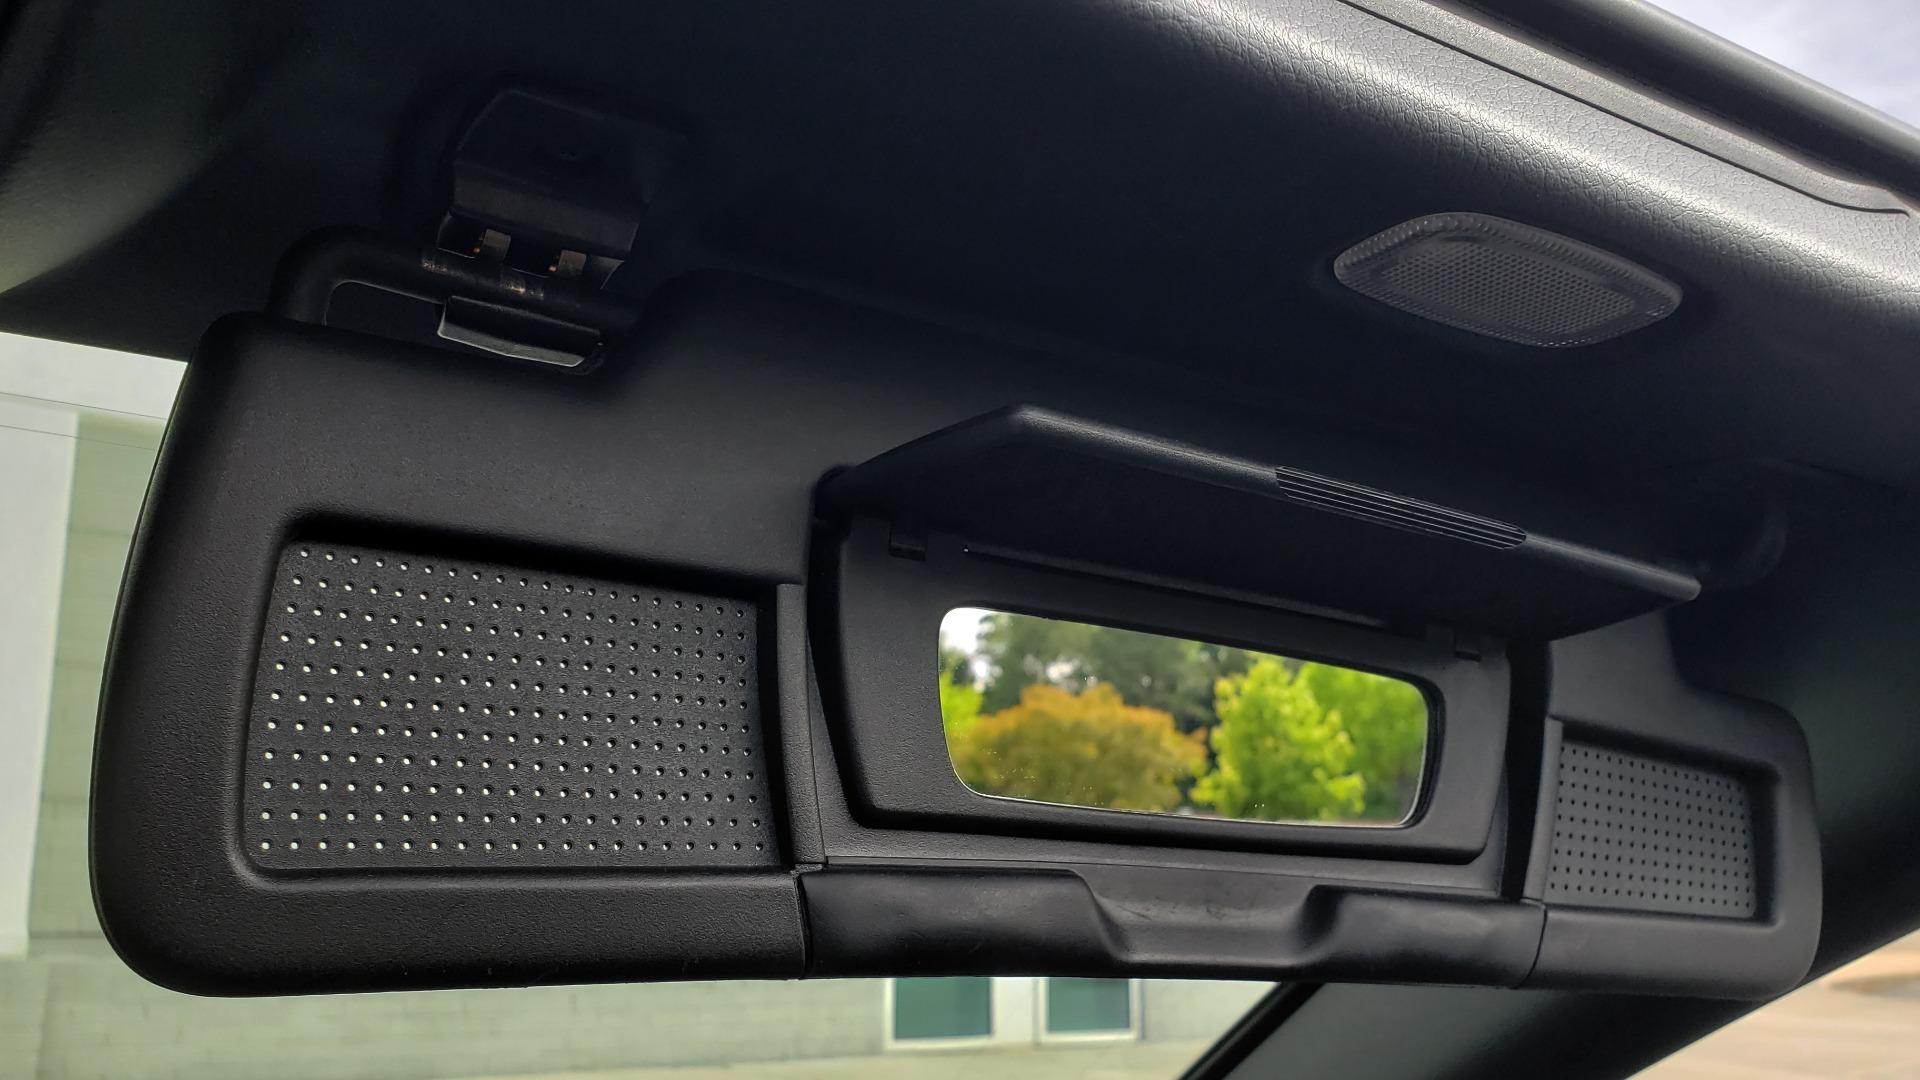 Used 2012 Mercedes-Benz SLK-CLASS SLK 250 ROADSTER / PREM 1 PKG / COMAND LAUNCH PKG / 7-SPD AUTO for sale $24,995 at Formula Imports in Charlotte NC 28227 57